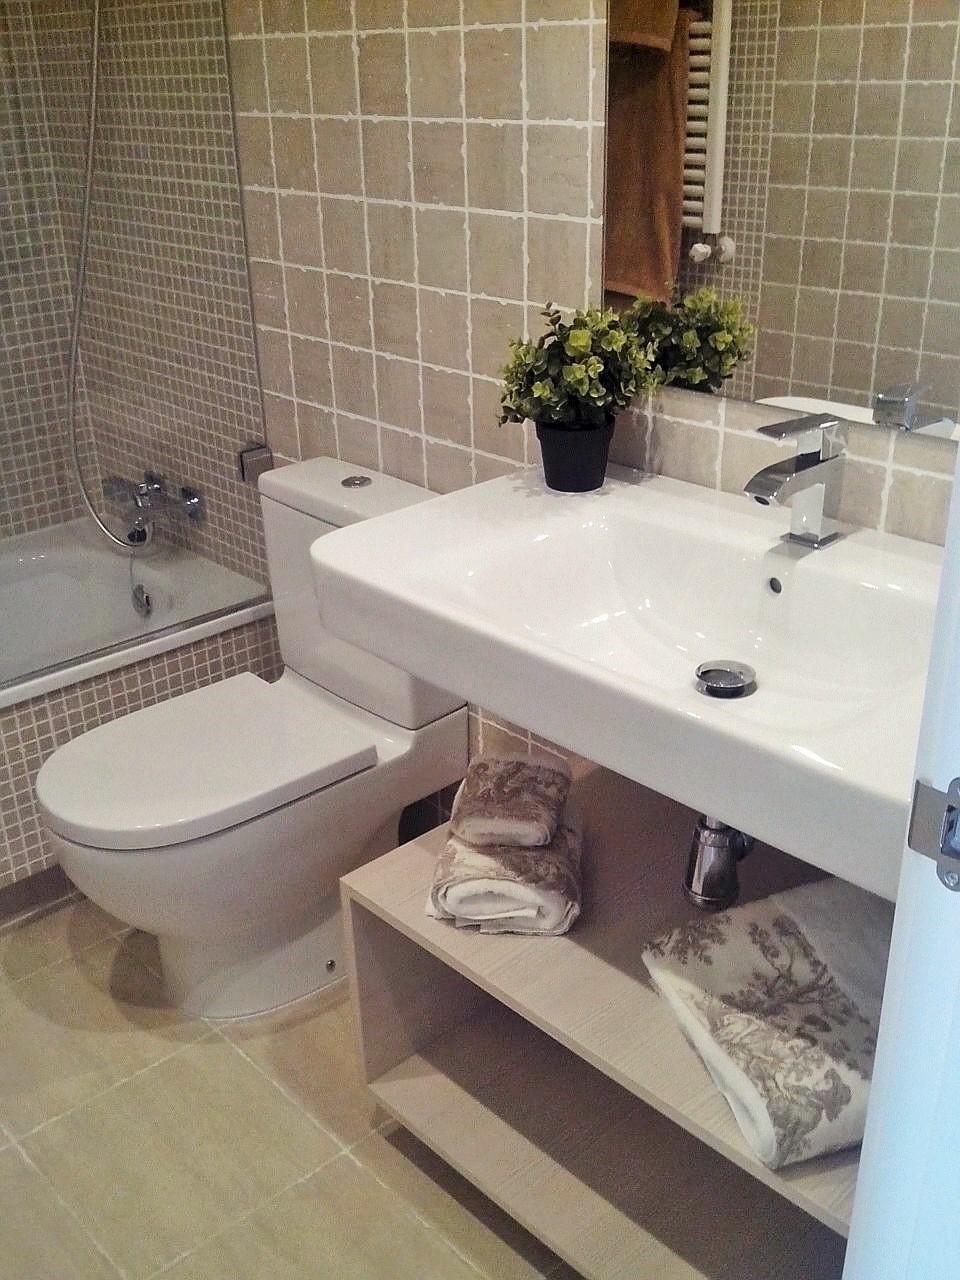 Ba os con encanto santos muebles de cocina - Muebles con encanto online ...